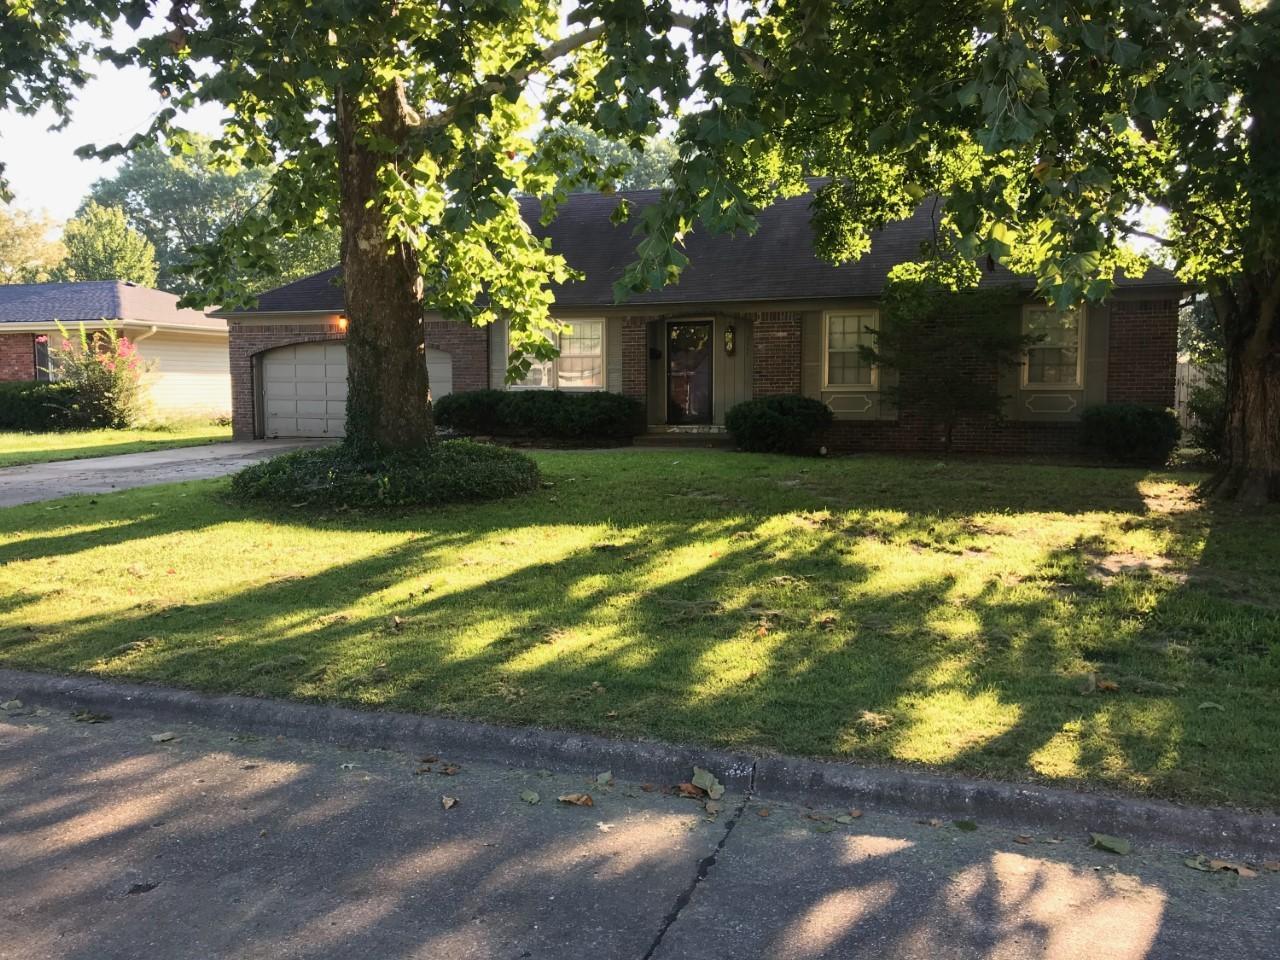 2460 South Mccann Avenue Springfield, MO 65804